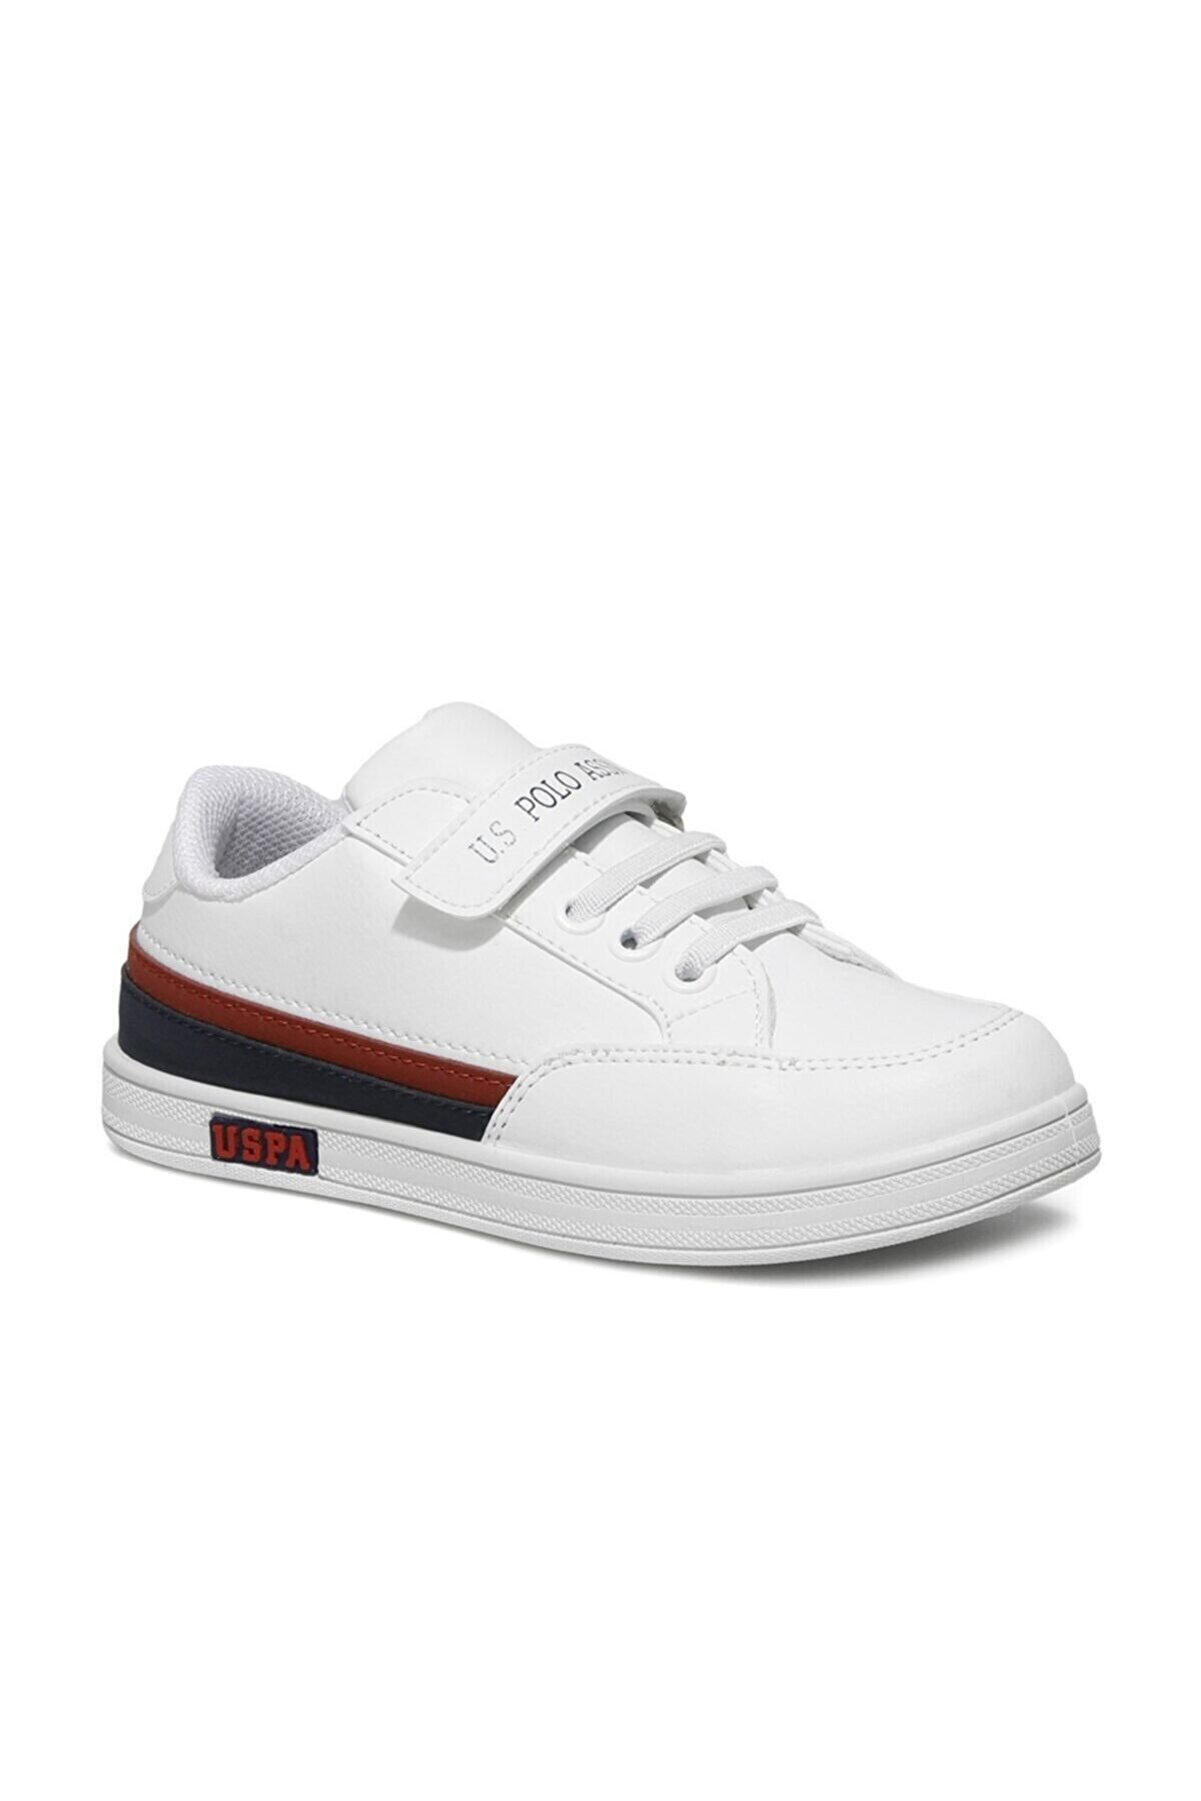 US Polo Assn Jamal 1fx Beyaz Erkek Çocuk Sneaker Ayakkabı